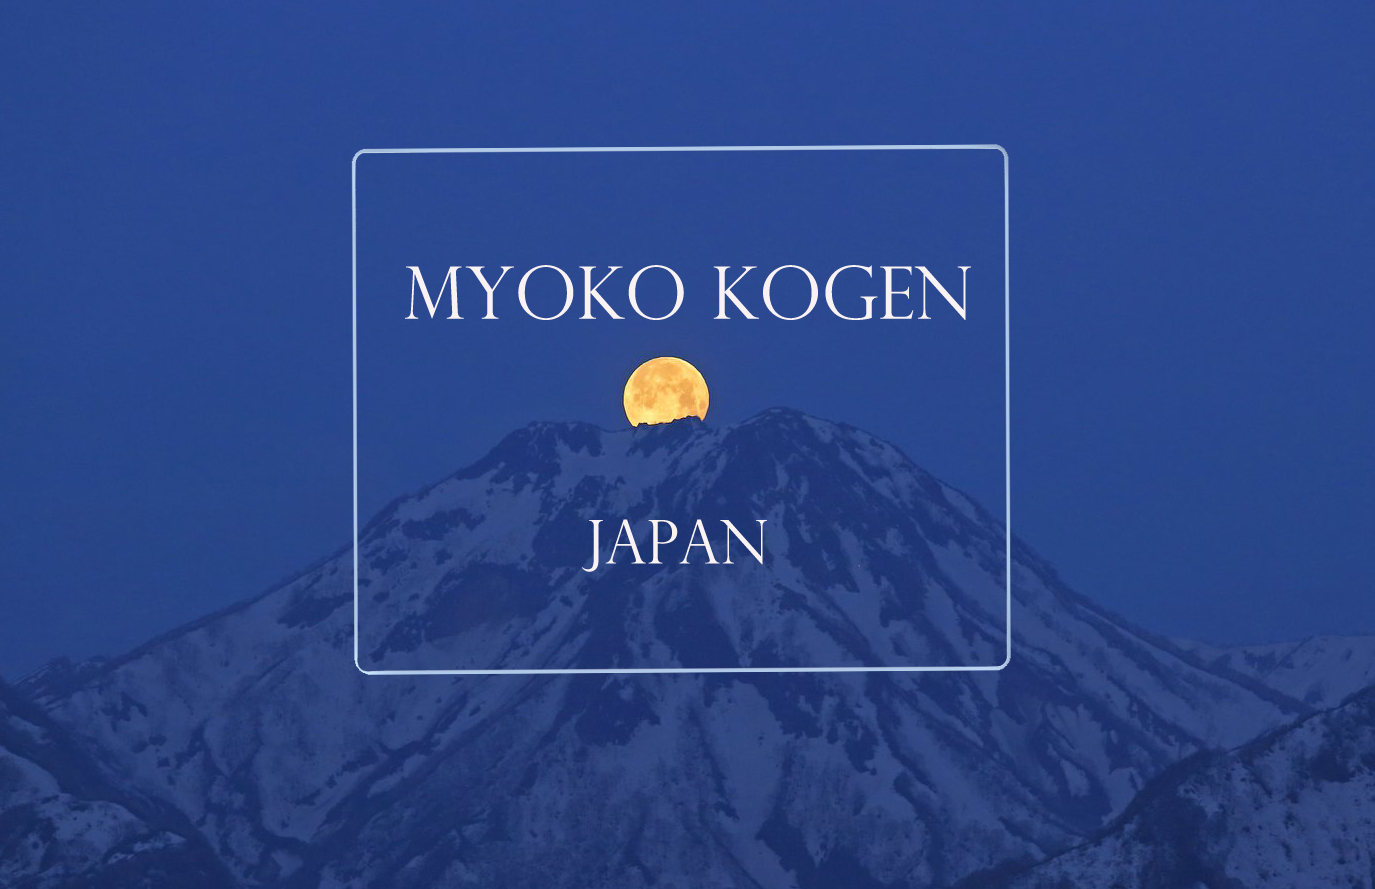 Myoko Kogen Japan